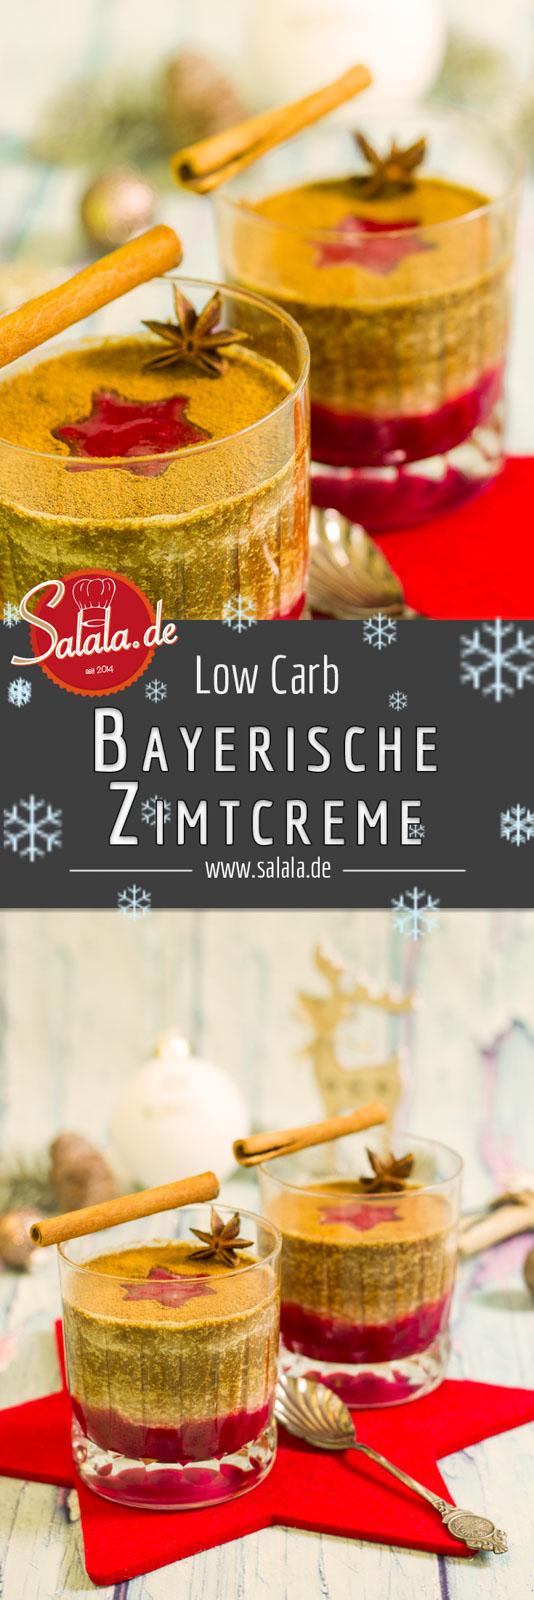 bayerische zimtcreme low carb weihnachtsdessert salala. Black Bedroom Furniture Sets. Home Design Ideas